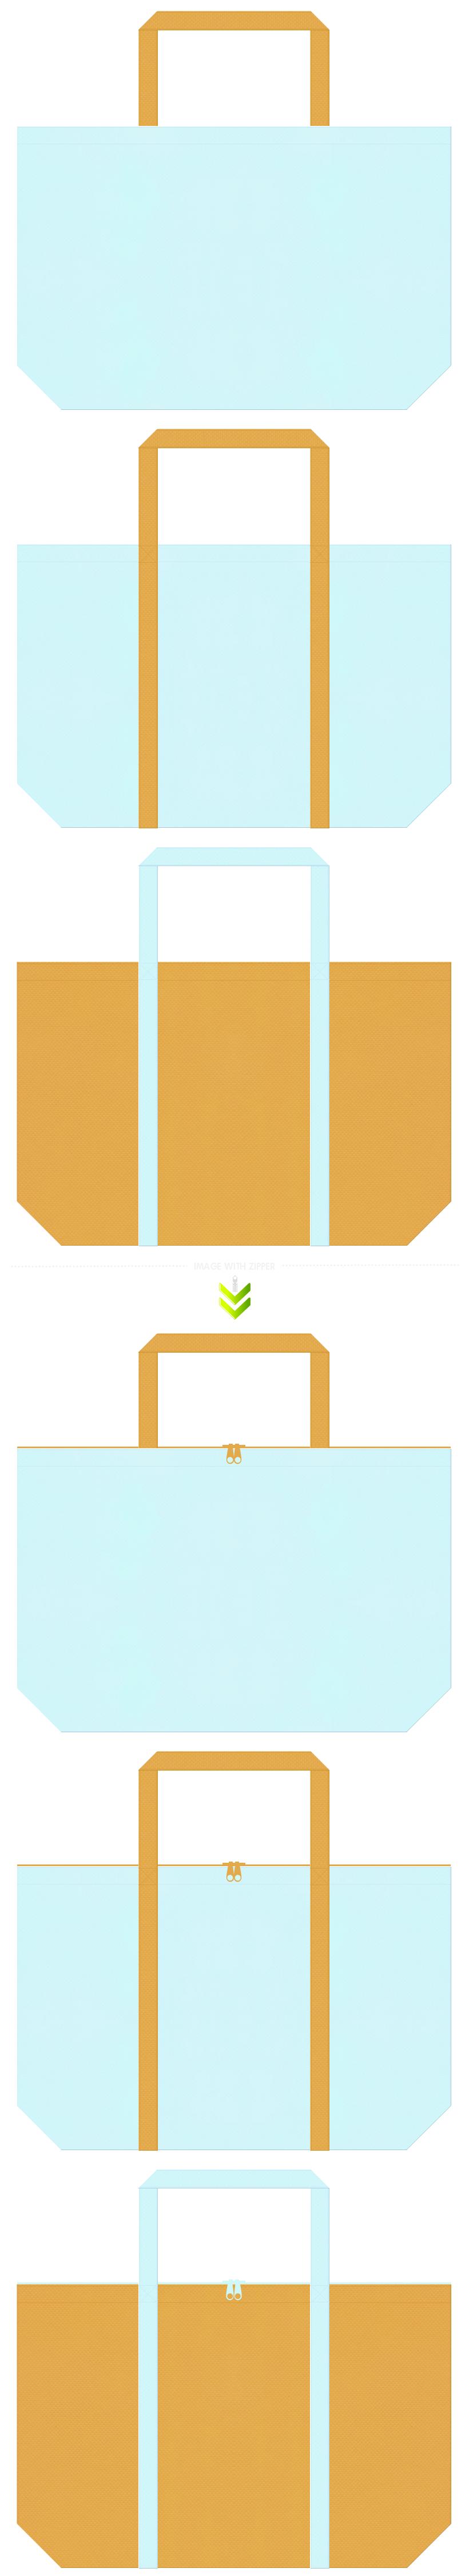 ベアー・ポニー・絵本・おとぎ話・ロールプレイングゲーム・ガーリーデザインの不織布ショッピングバッグにお奨め:水色と黄土色のコーデ